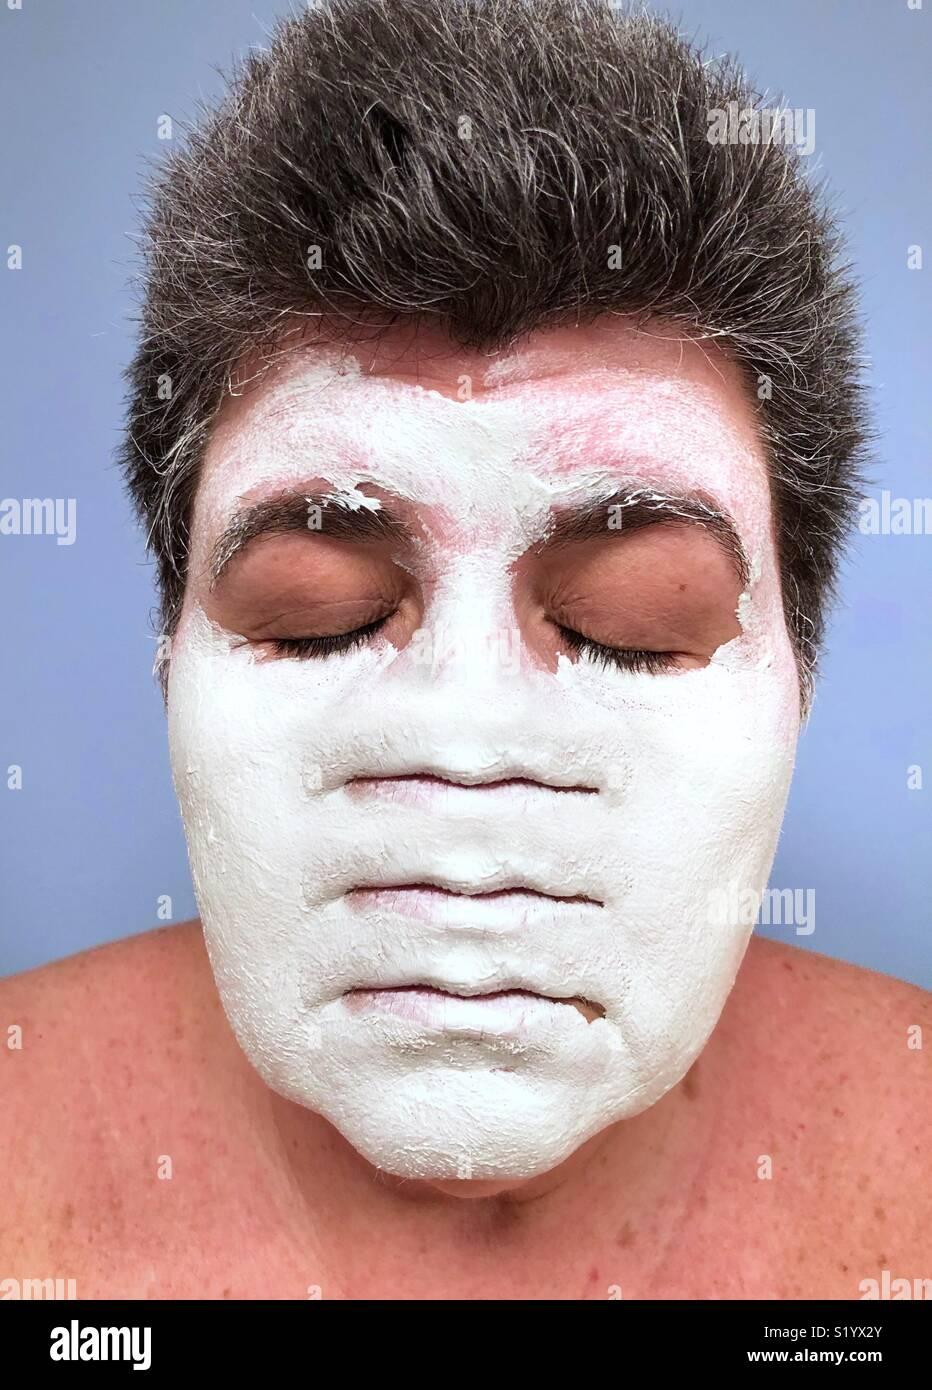 Un résumé artwork d'un dark haired. Caucasian woman avec ses yeux fermés portant un masque d'argile blanche avec trois ensembles de lèvres. Photo Stock